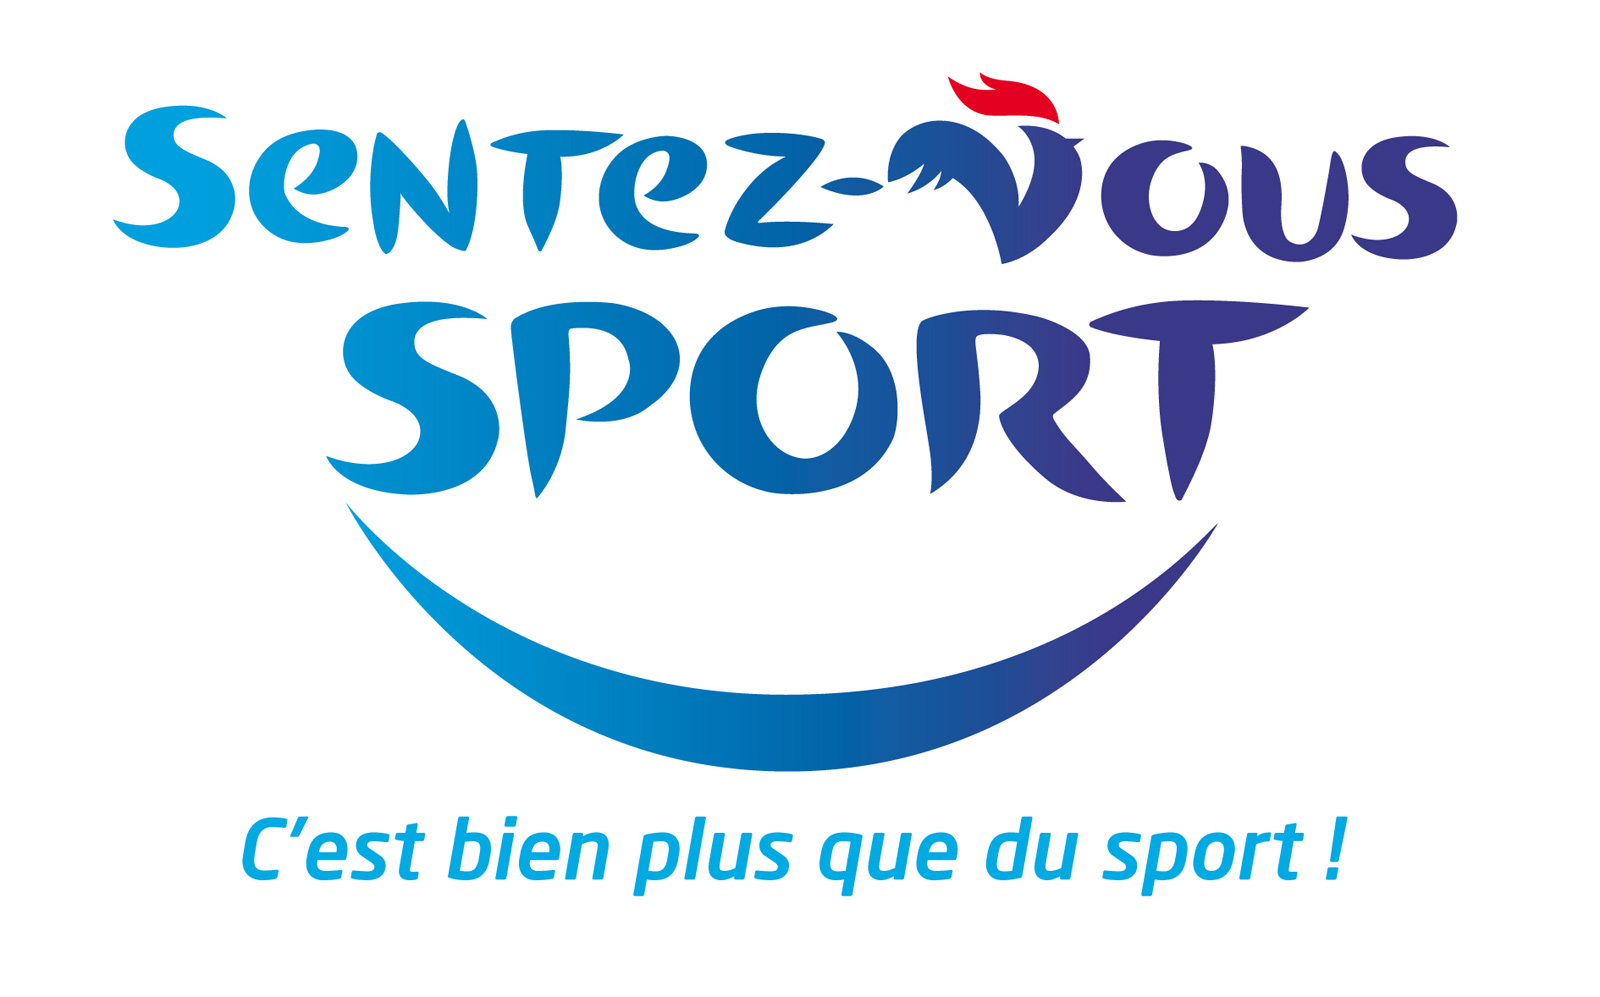 La Fête du sport pour tous : plus de 40 activités à découvrir ce week-end à Metz